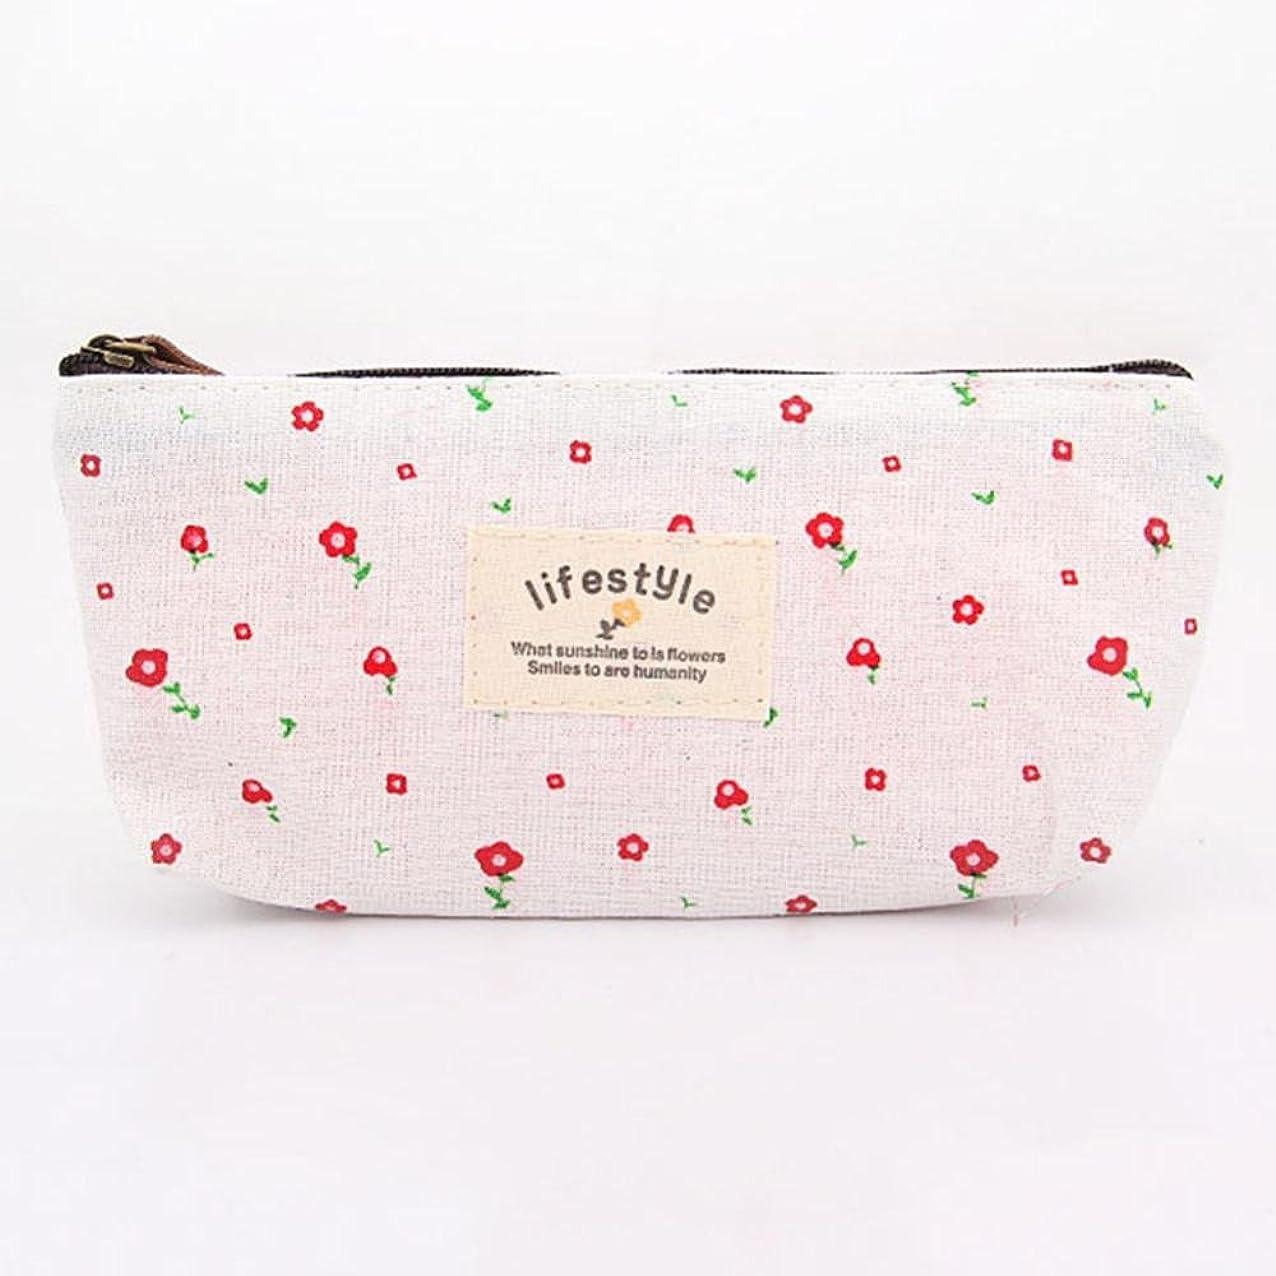 ケント特許伝染病Gressu(TM)ストレージポーチ財布スウィートフラワー花鉛筆ペンケース化粧品メイクアップツールバッグのベストセラー